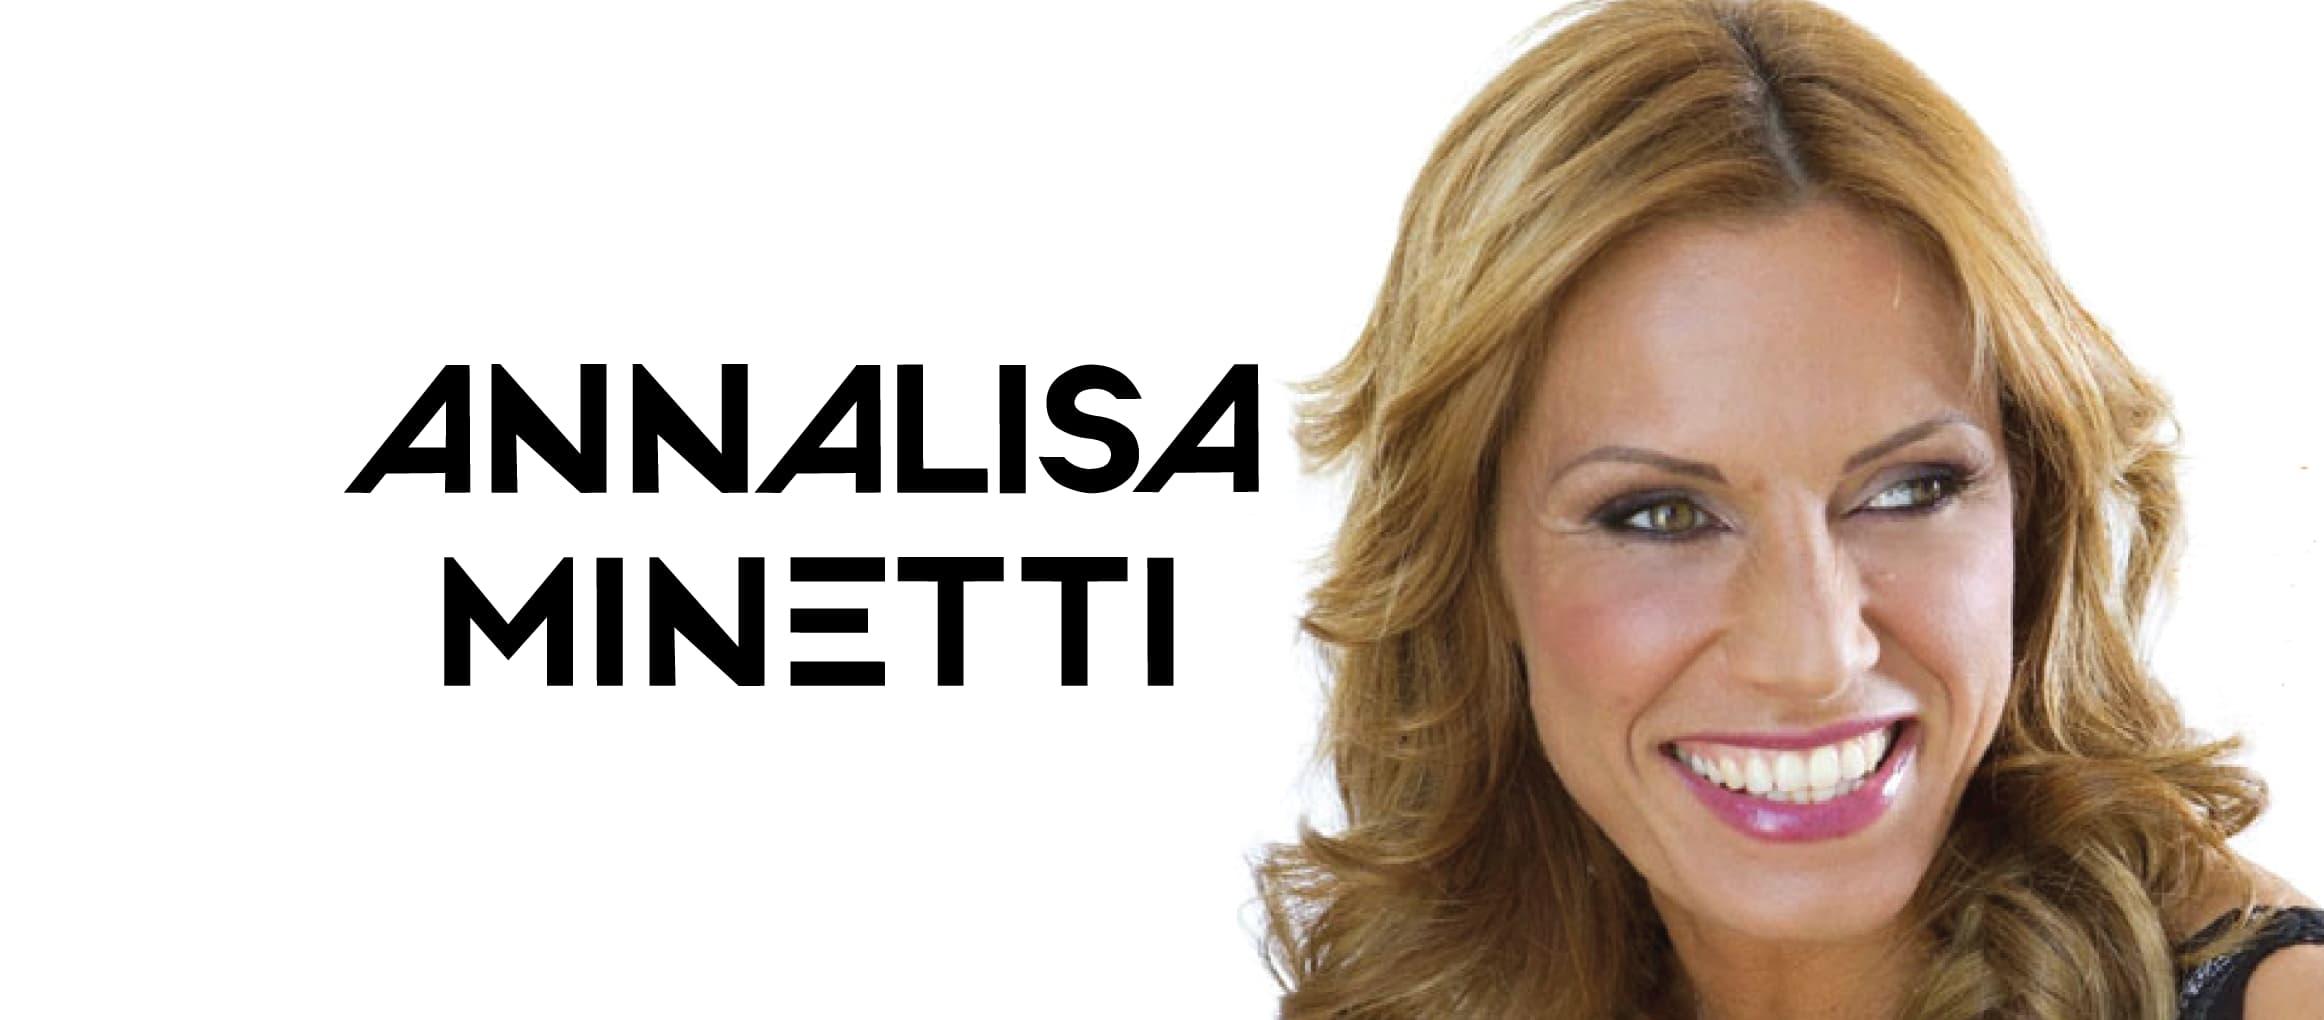 パラリンピックメダリストにしてサンレモ優勝歌手アンナリーザ・ミネッティ